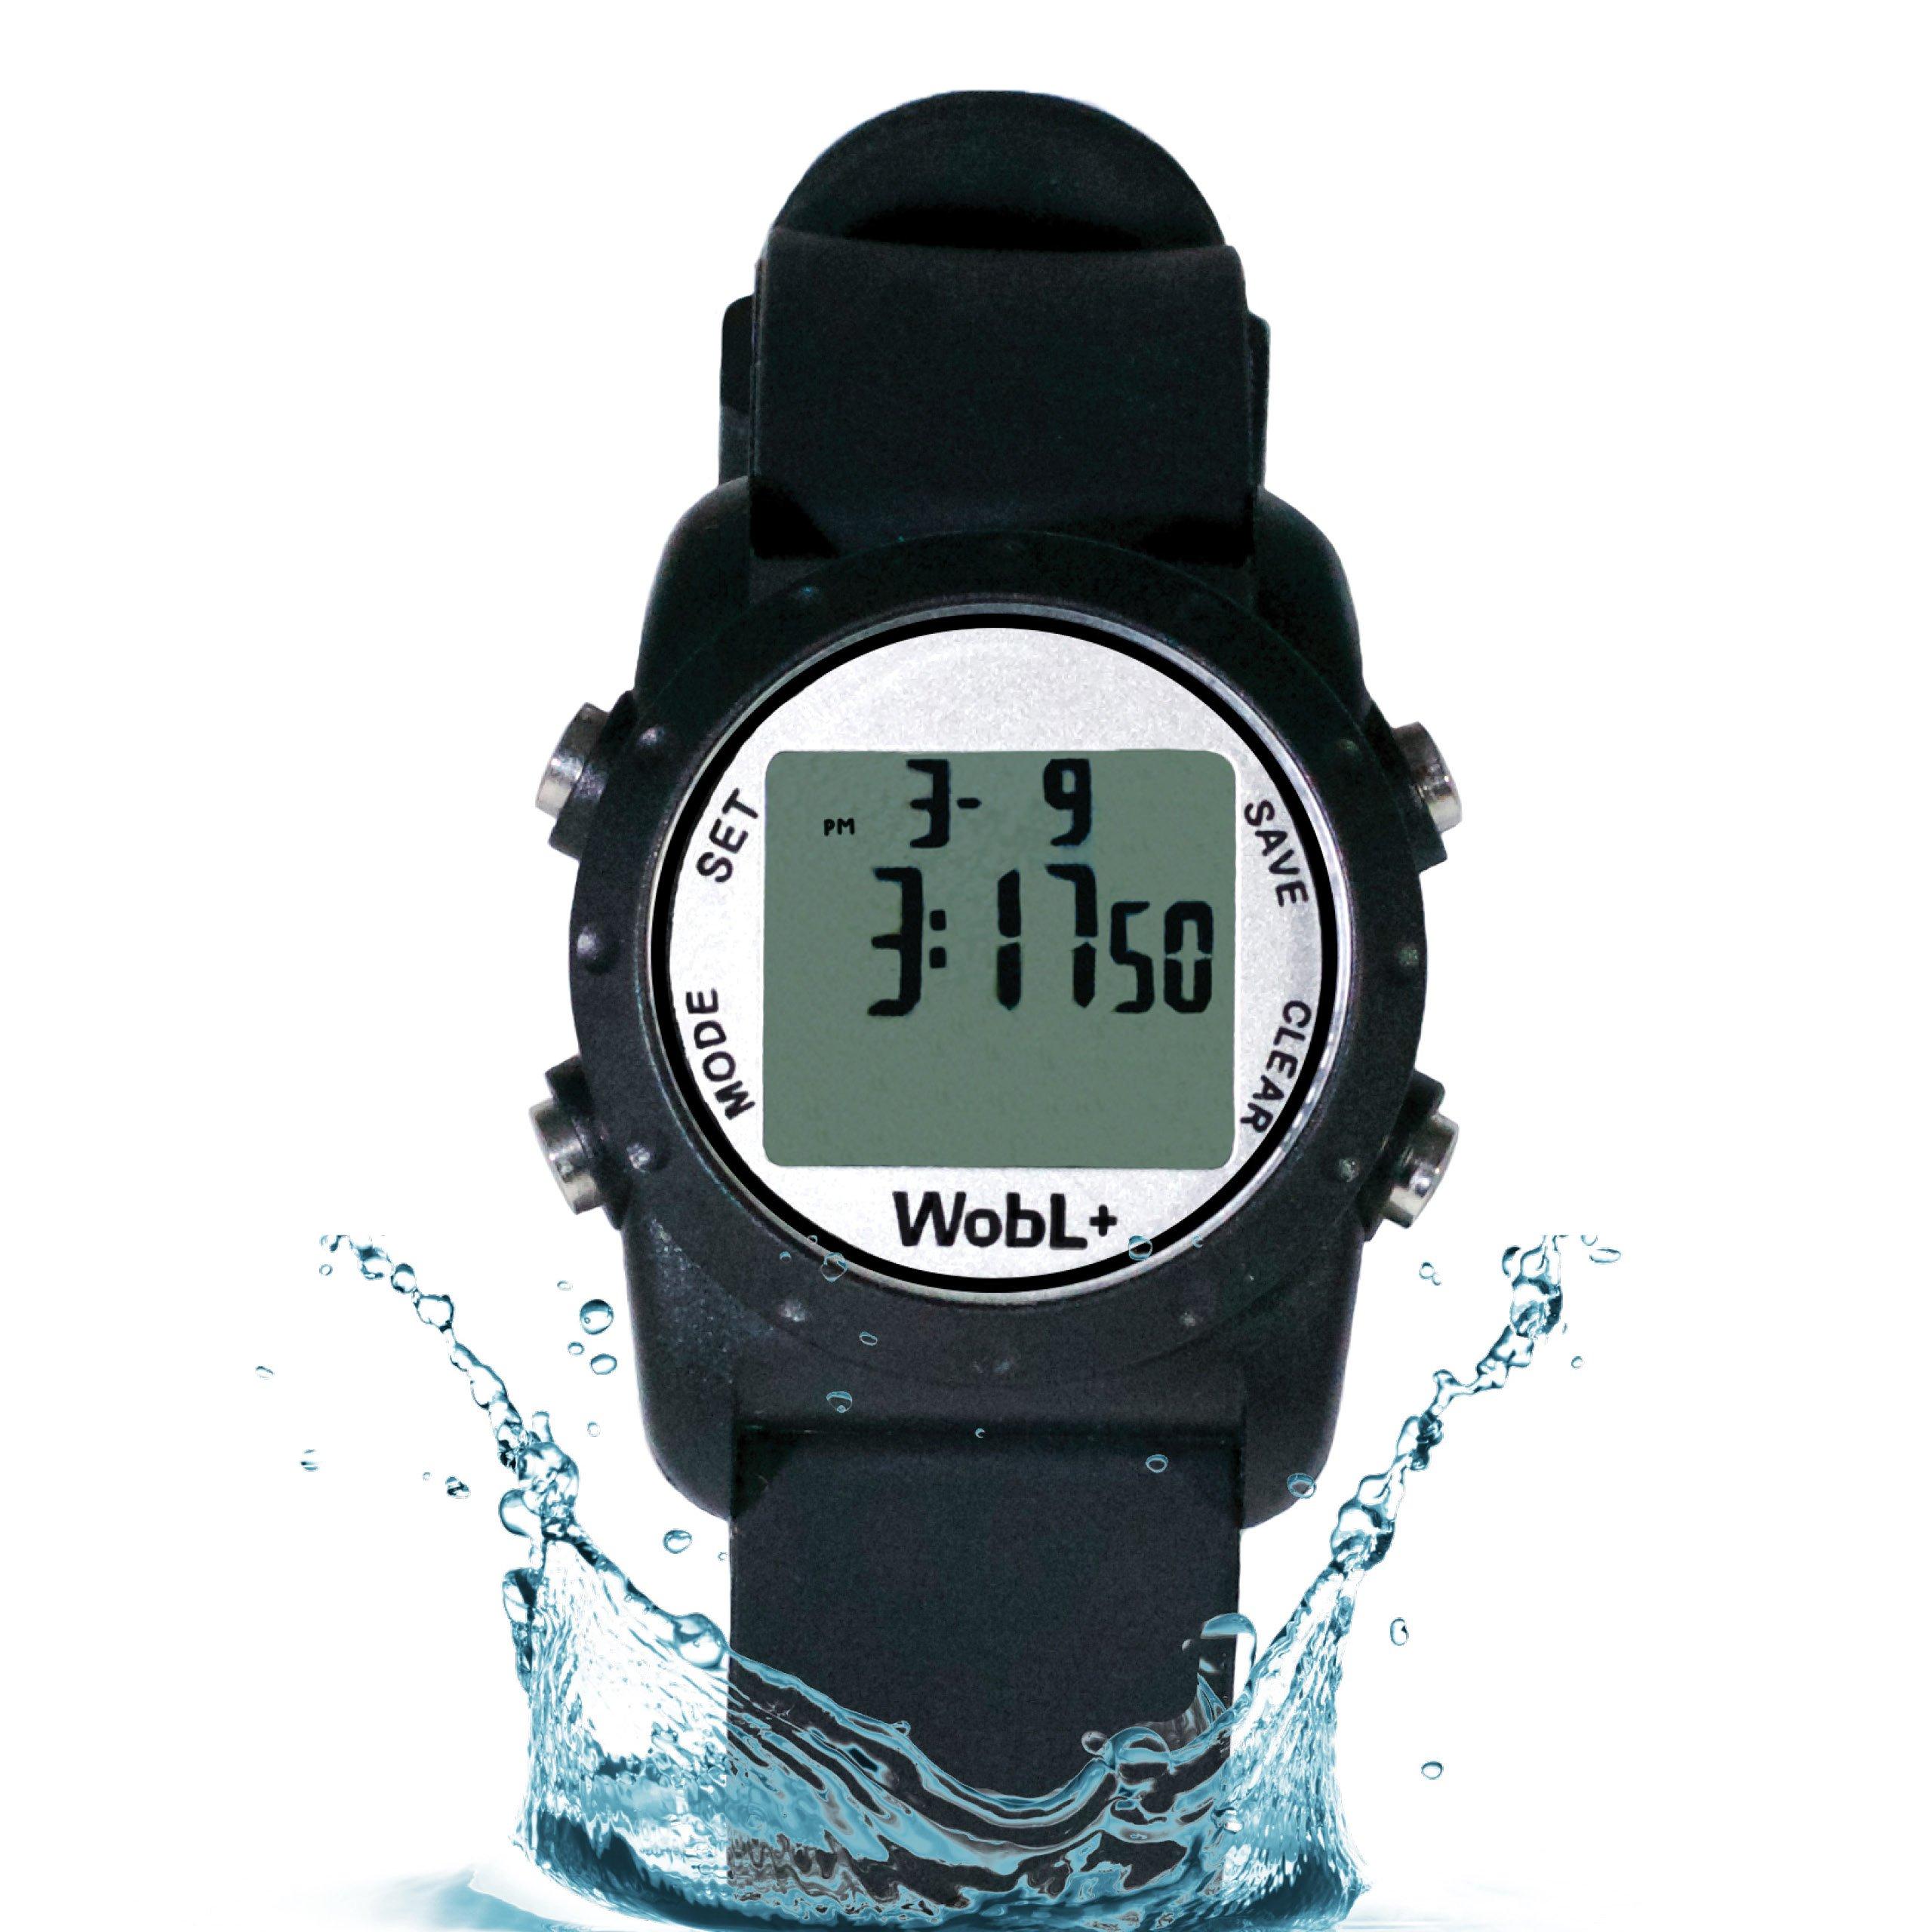 WobL+ Waterproof Vibrating Watch (Black)